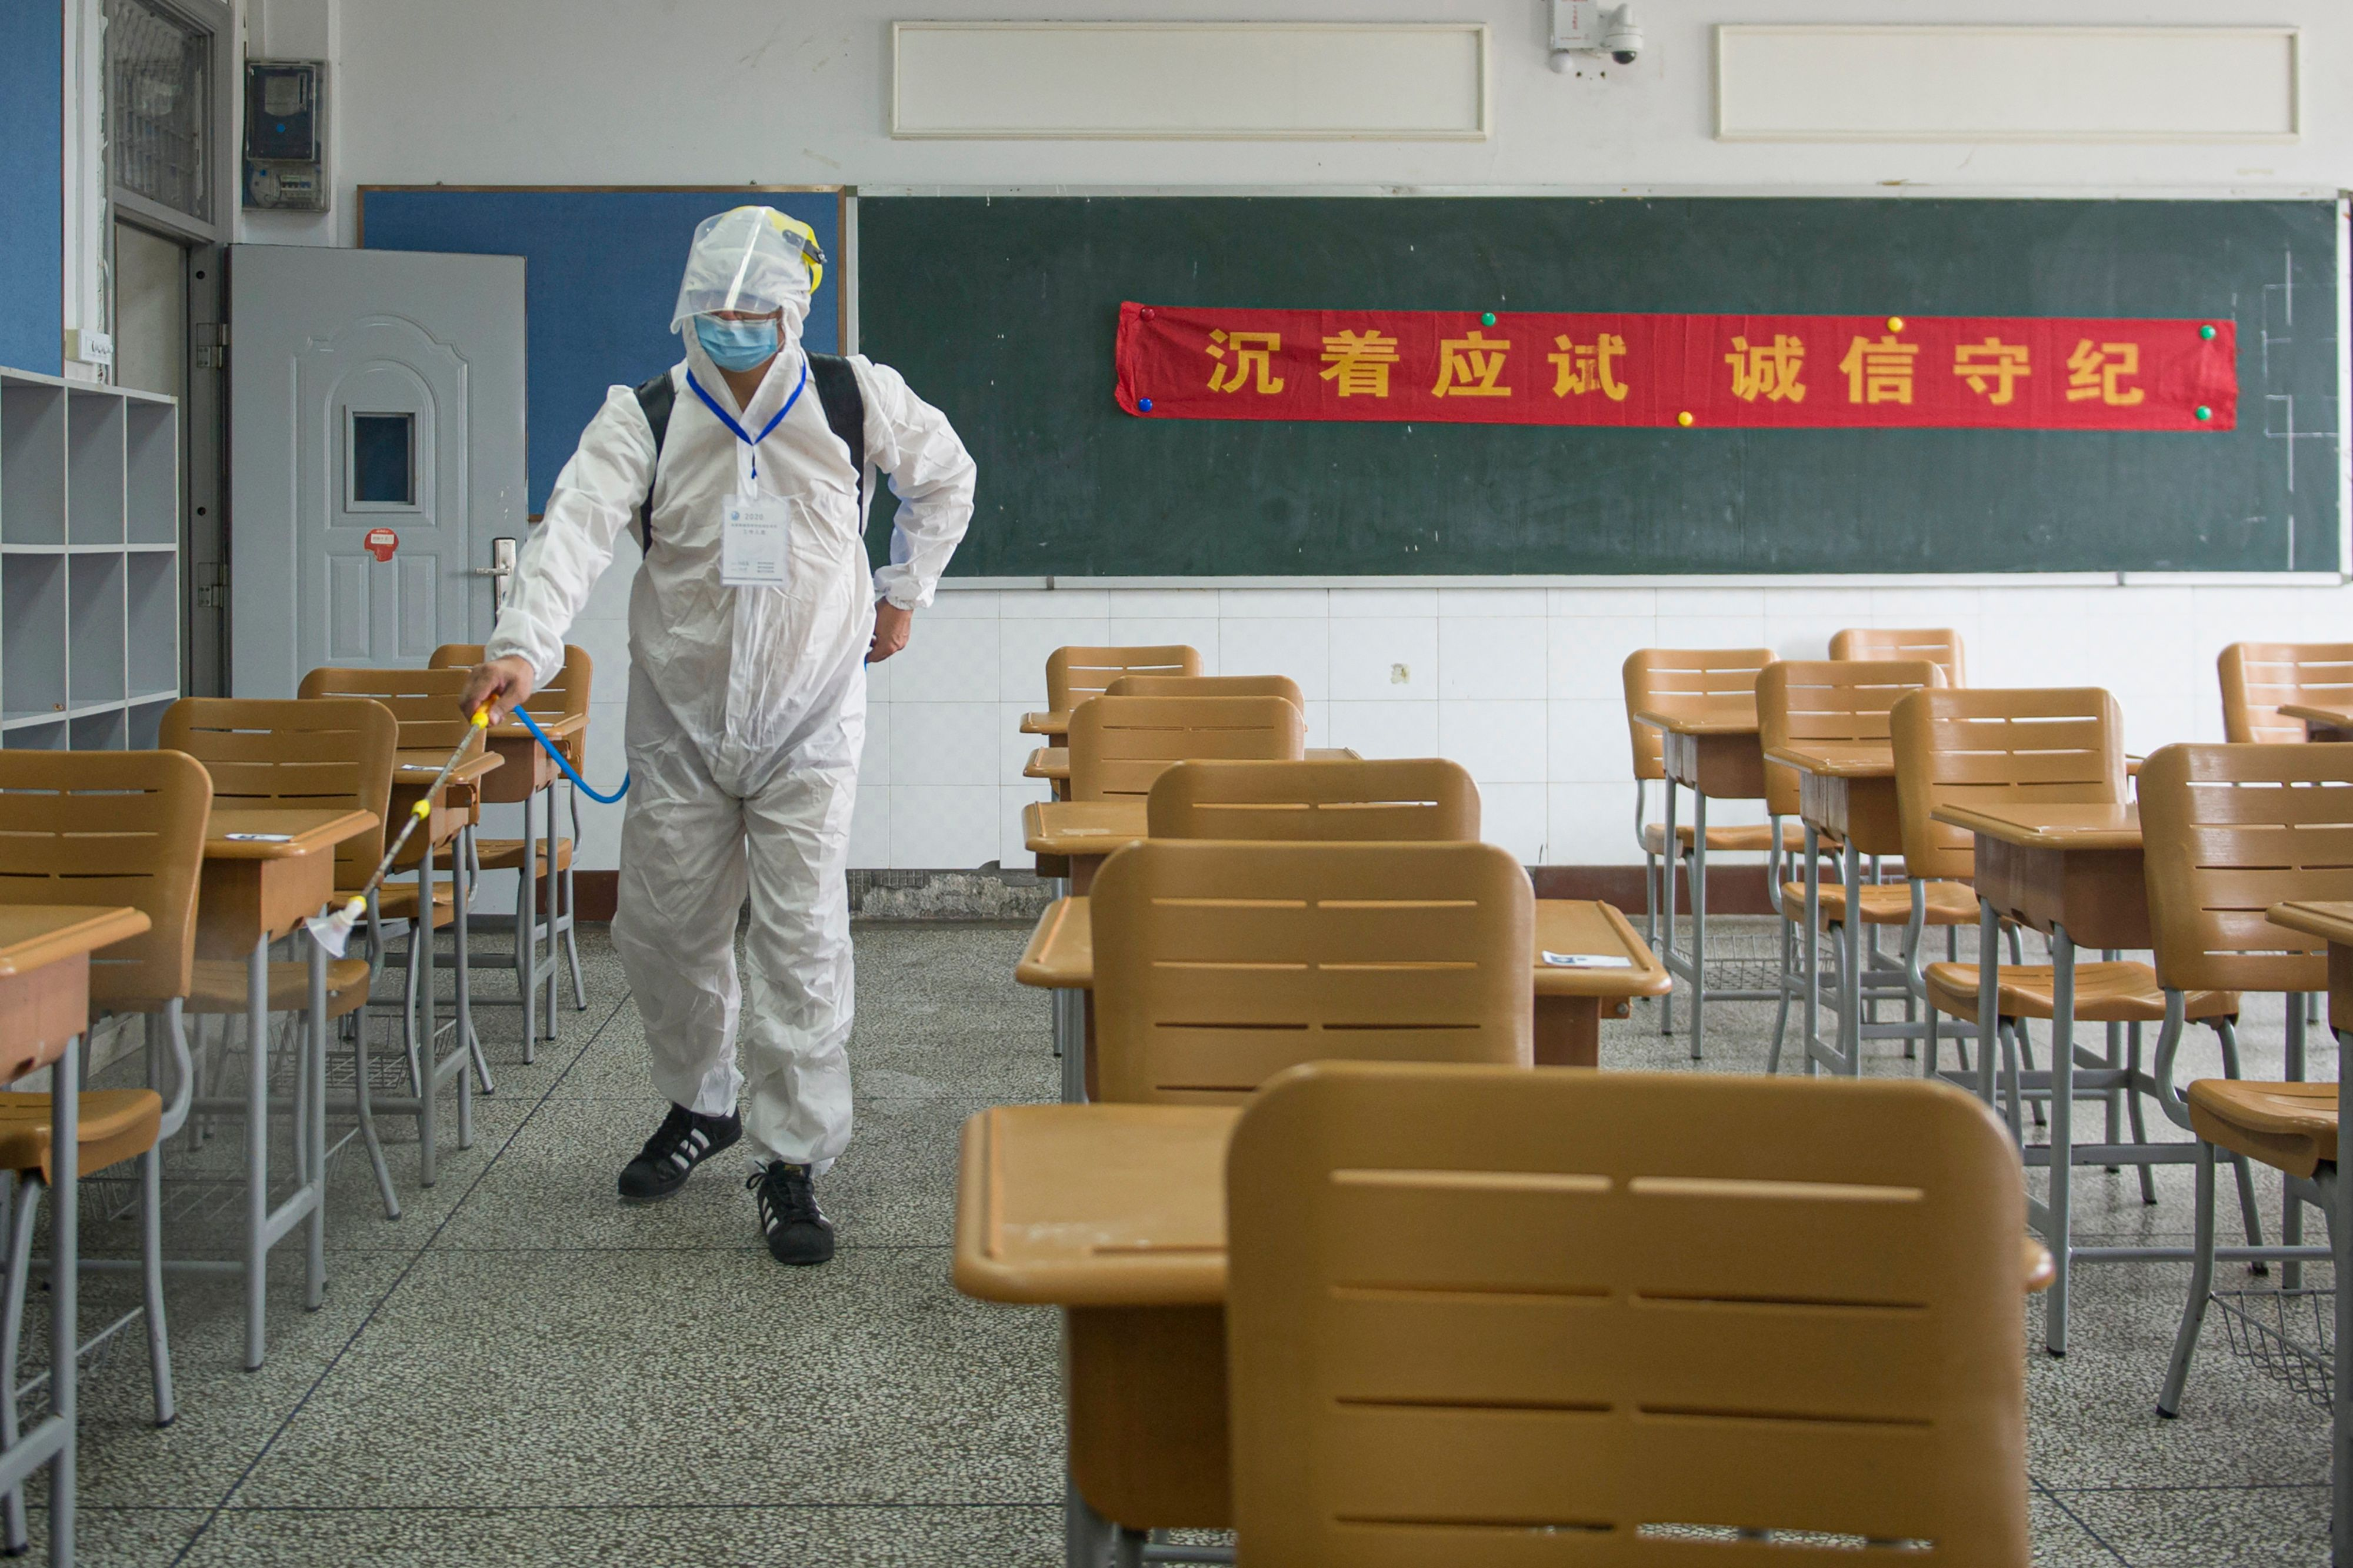 중국 우한의 한 학교 교실에서 소독  작업 중인 직원